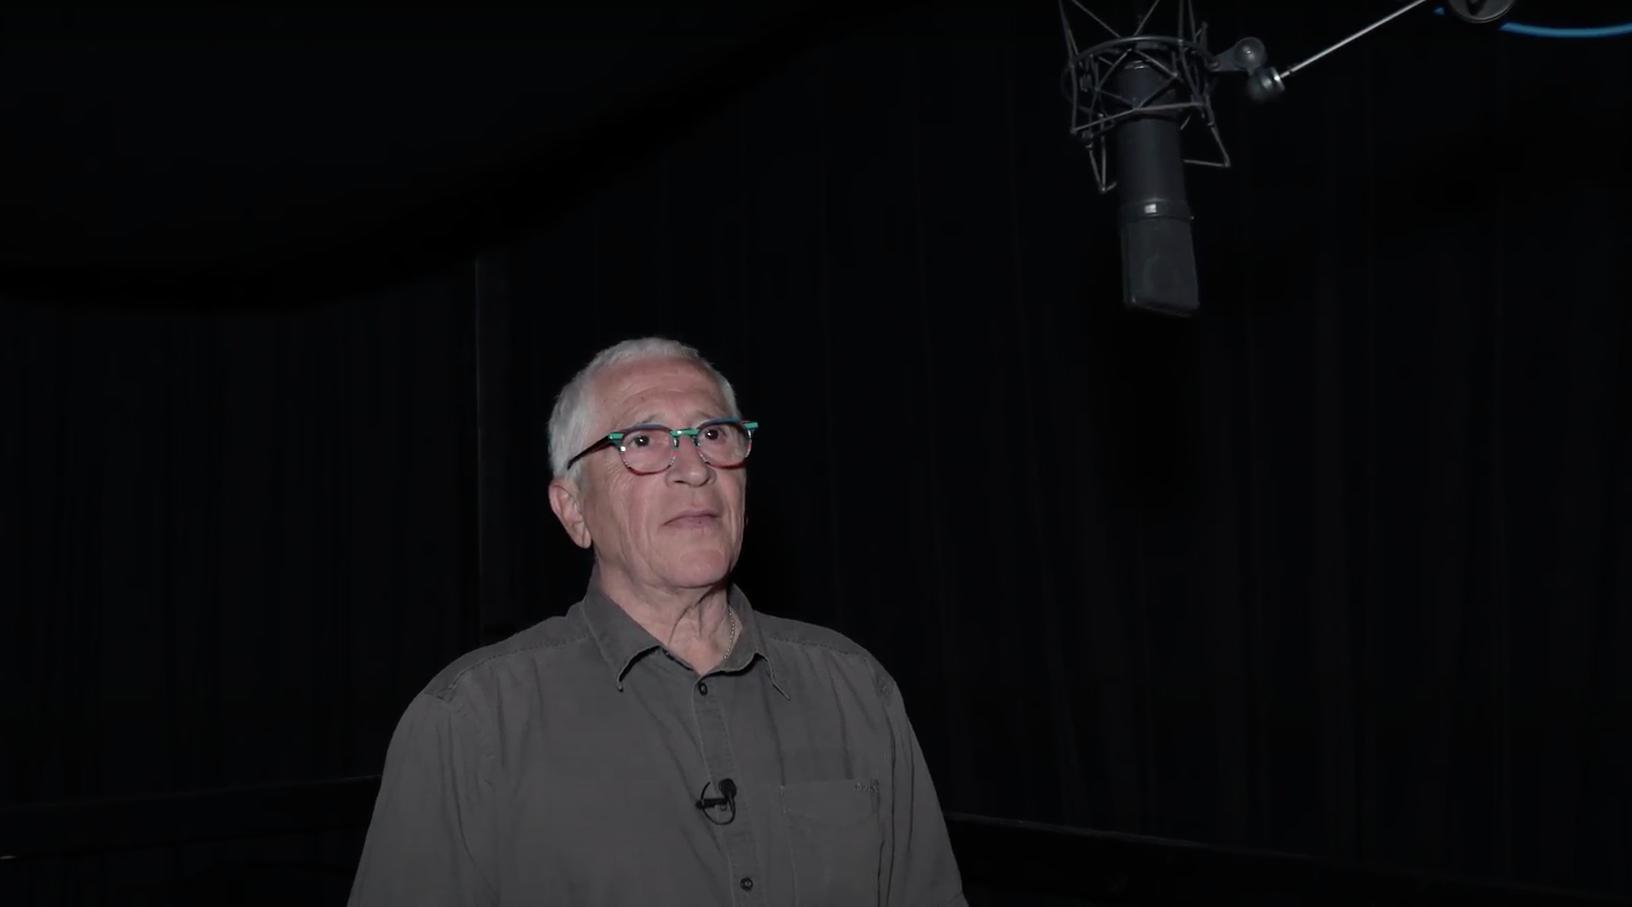 Gérard Surugue (Bugs Bunny) en studio pour Space Jam 2